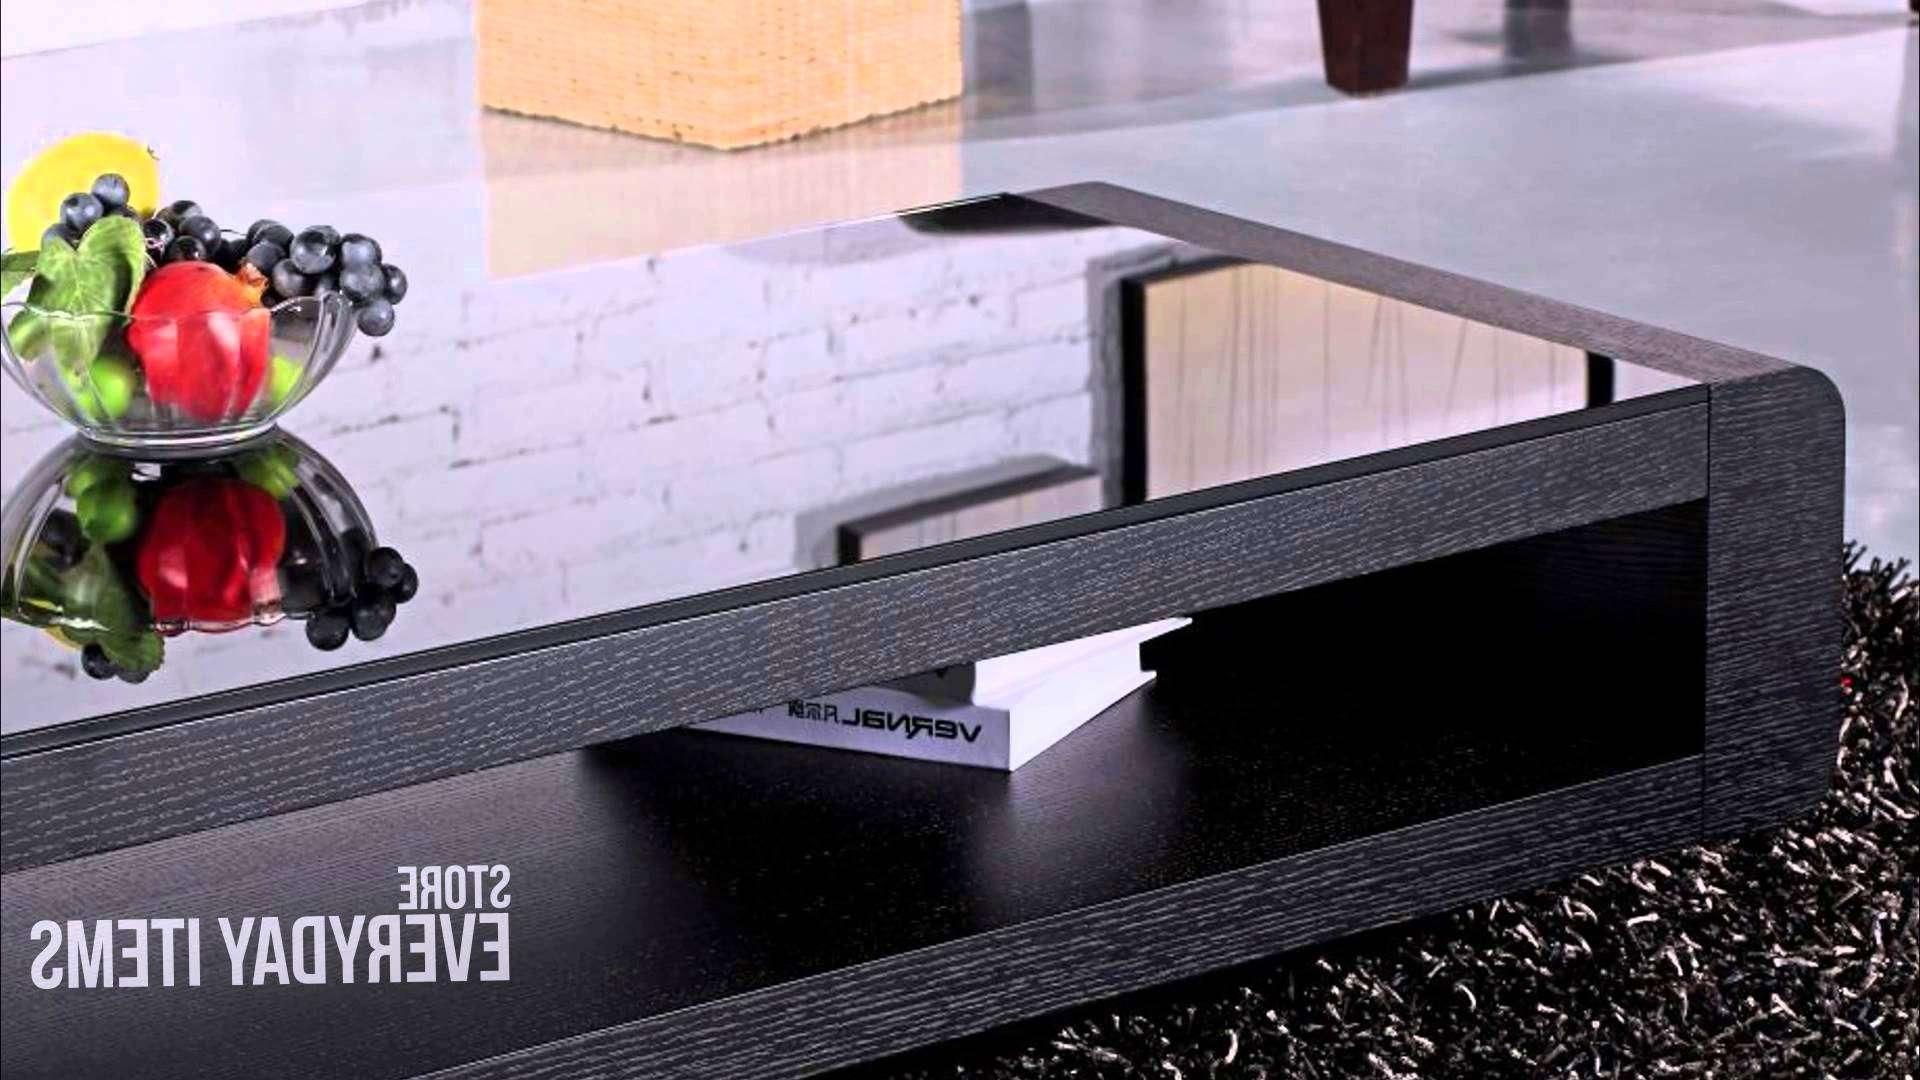 Bordeaux Glass Top Coffee Table In Black Oak Veneer – Youtube Intended For Current Oak Veneer Coffee Tables (View 13 of 20)